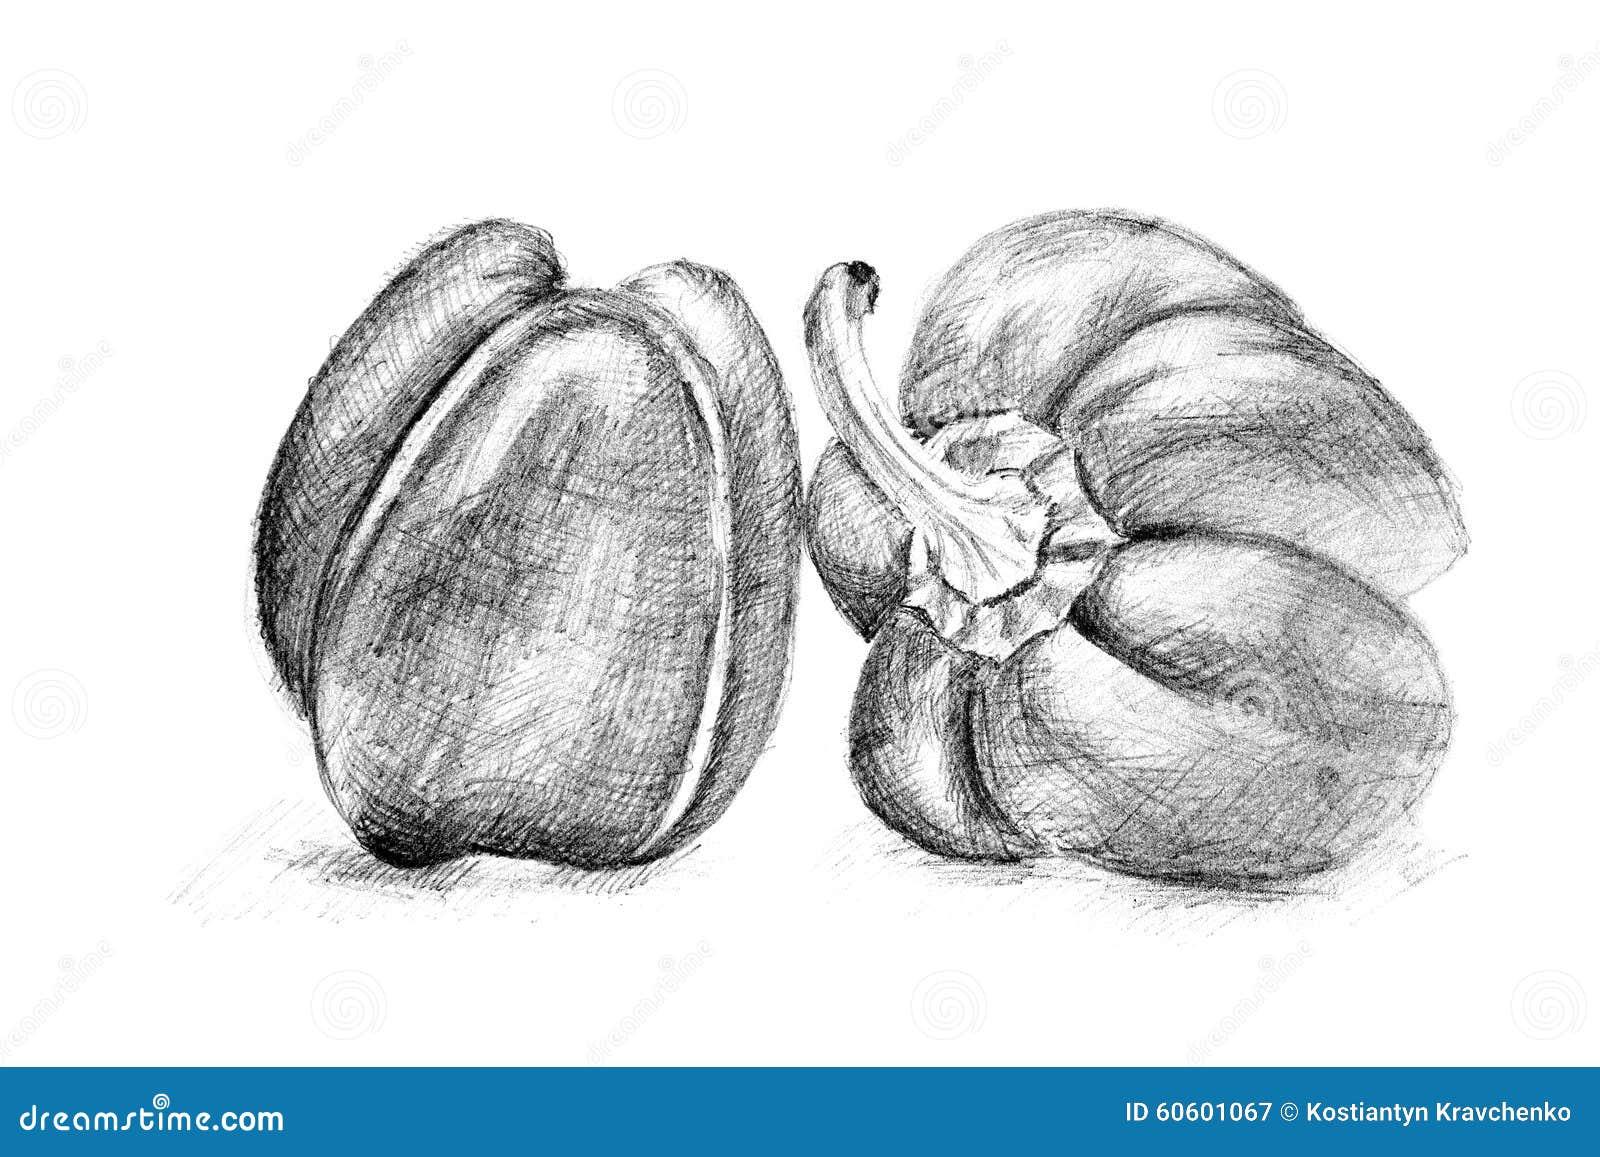 Disegno A Matita Originale Dal Pepe Illustrazione Di Stock